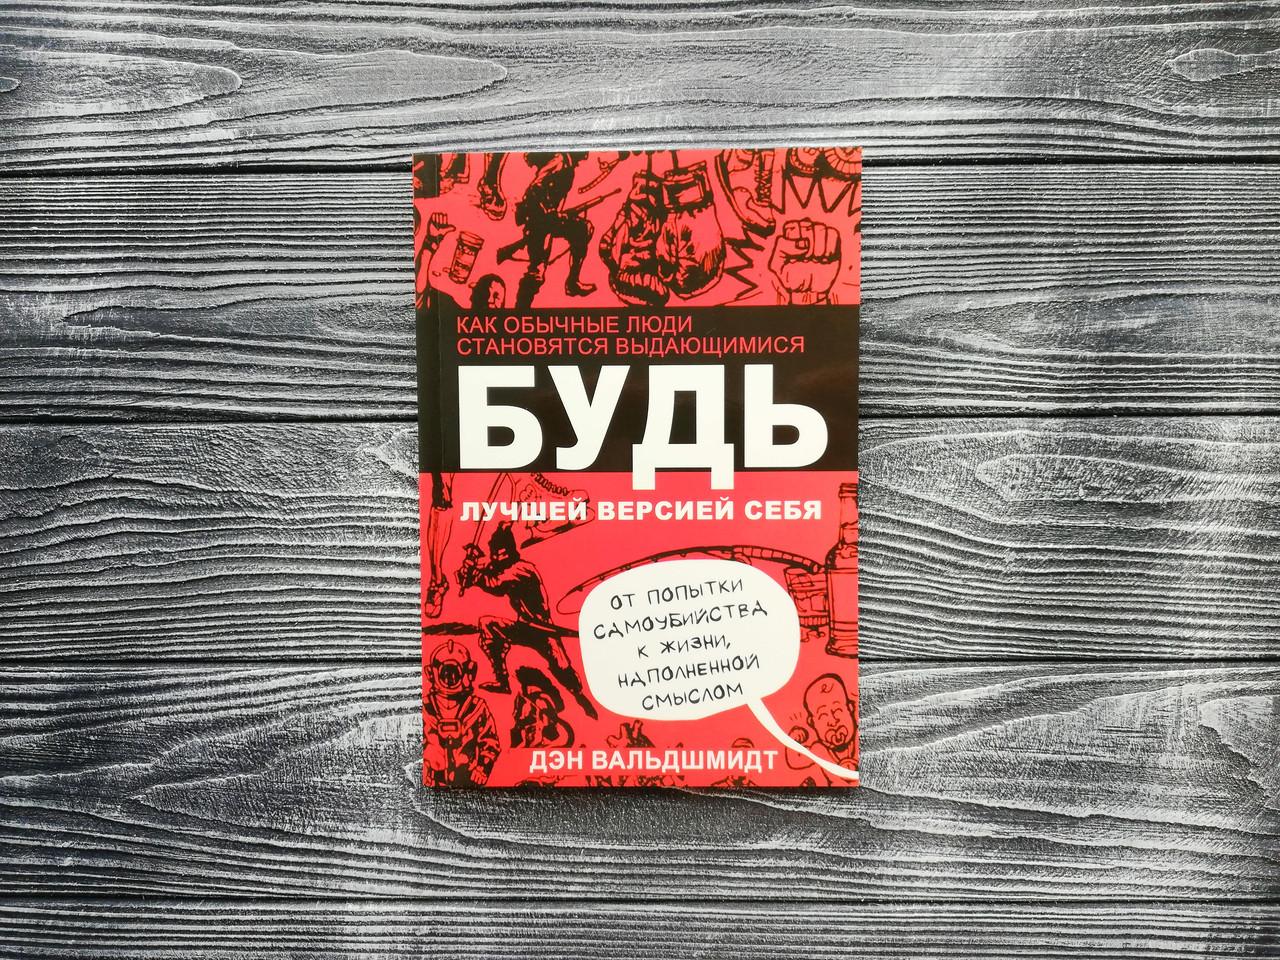 Обзор книги «Будь лучшей версией себя»